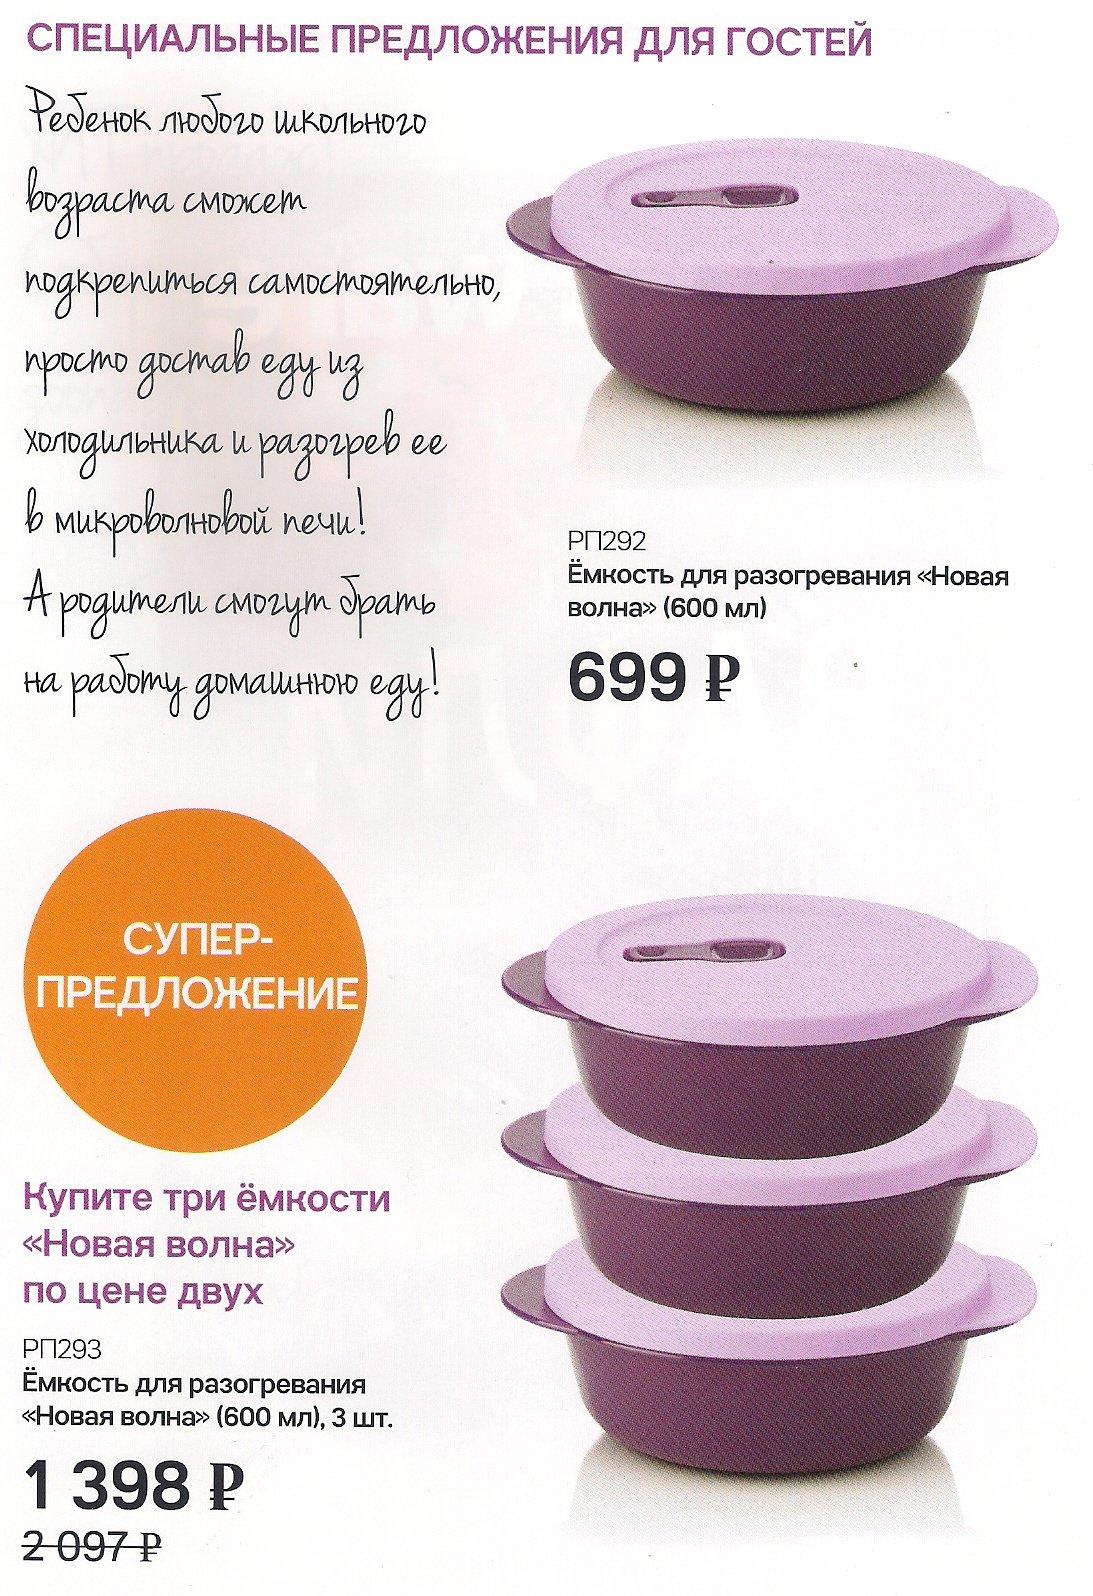 https://tupperware-online.ru/images/upload/12b.jpg